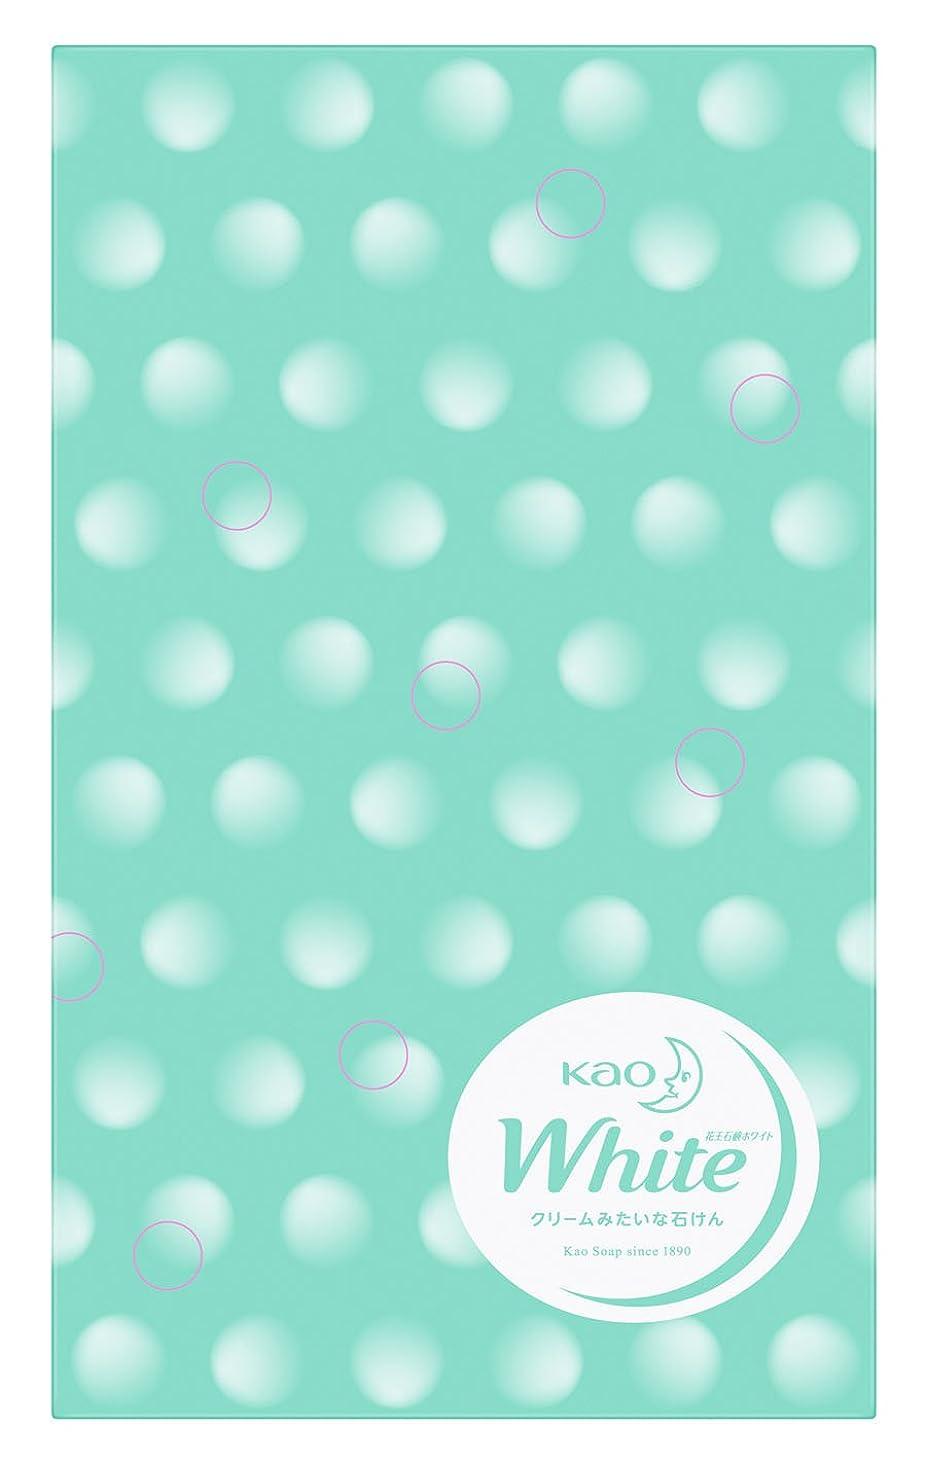 立証する美しい友だち花王ホワイト 普通サイズ 10コ包装デザイン箱